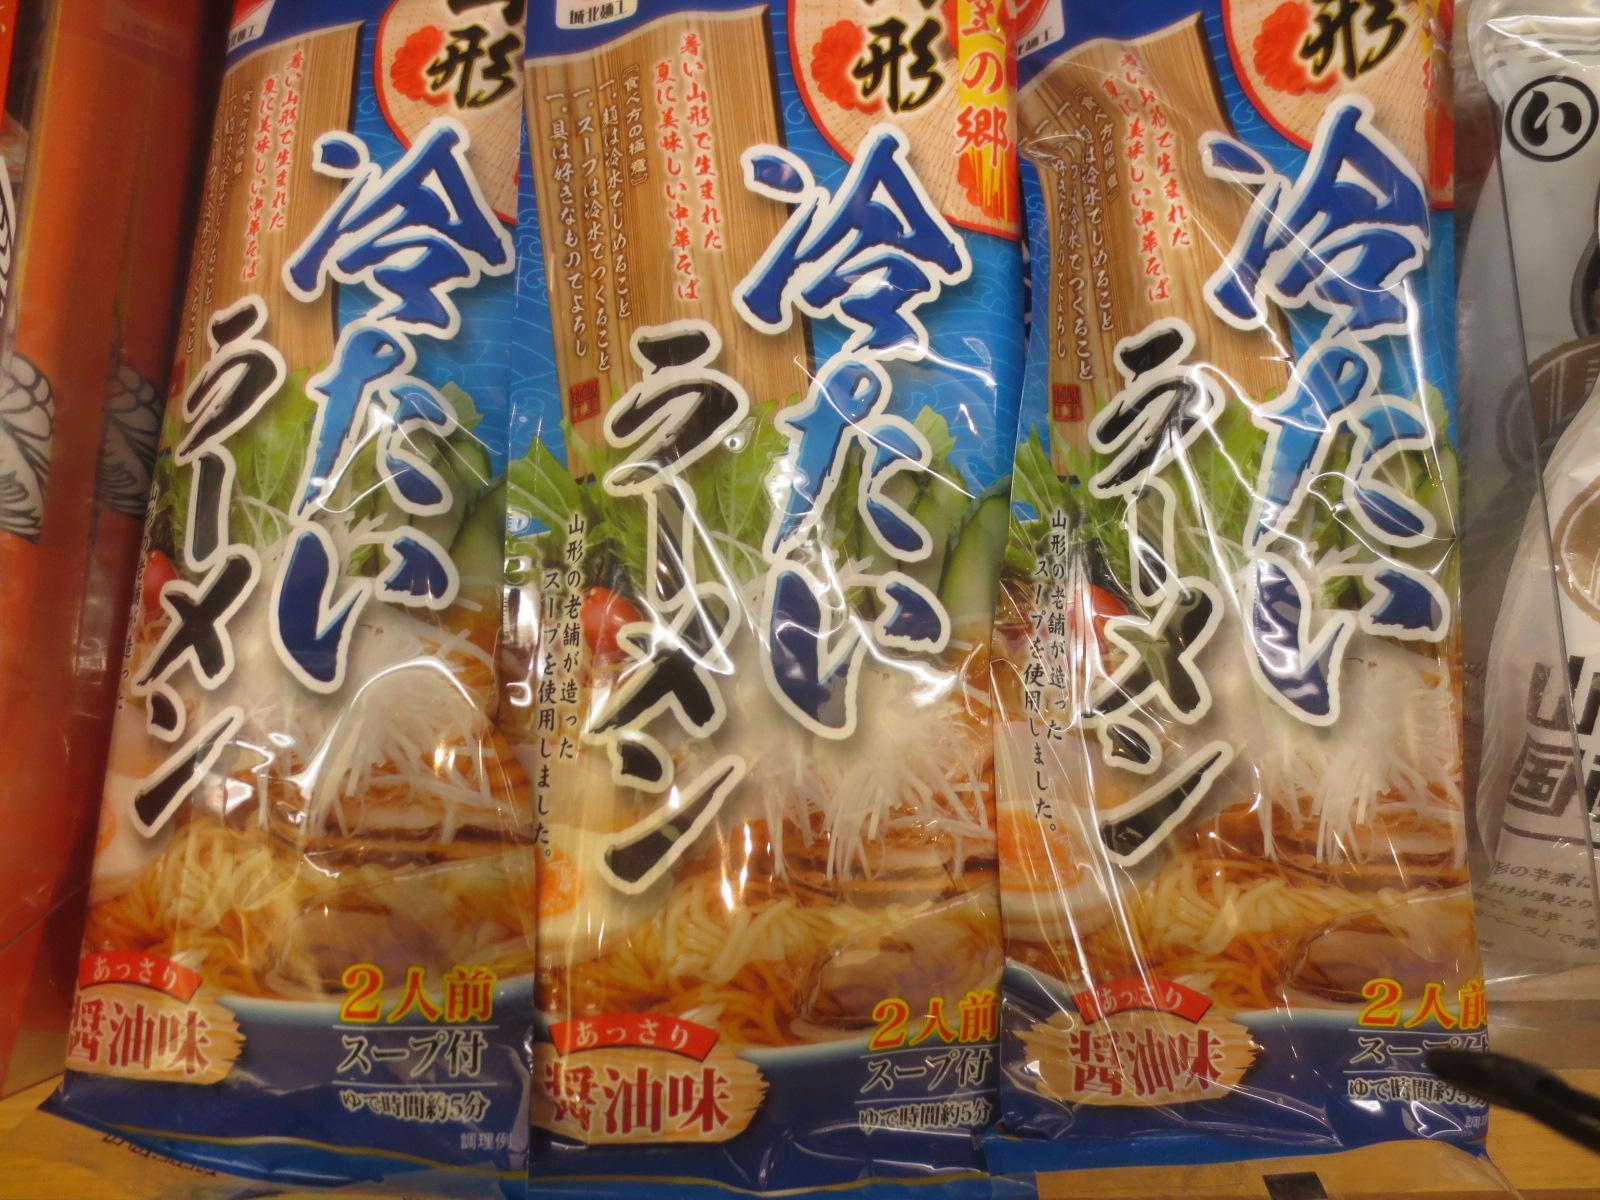 冷たいラーメン(醤油味)